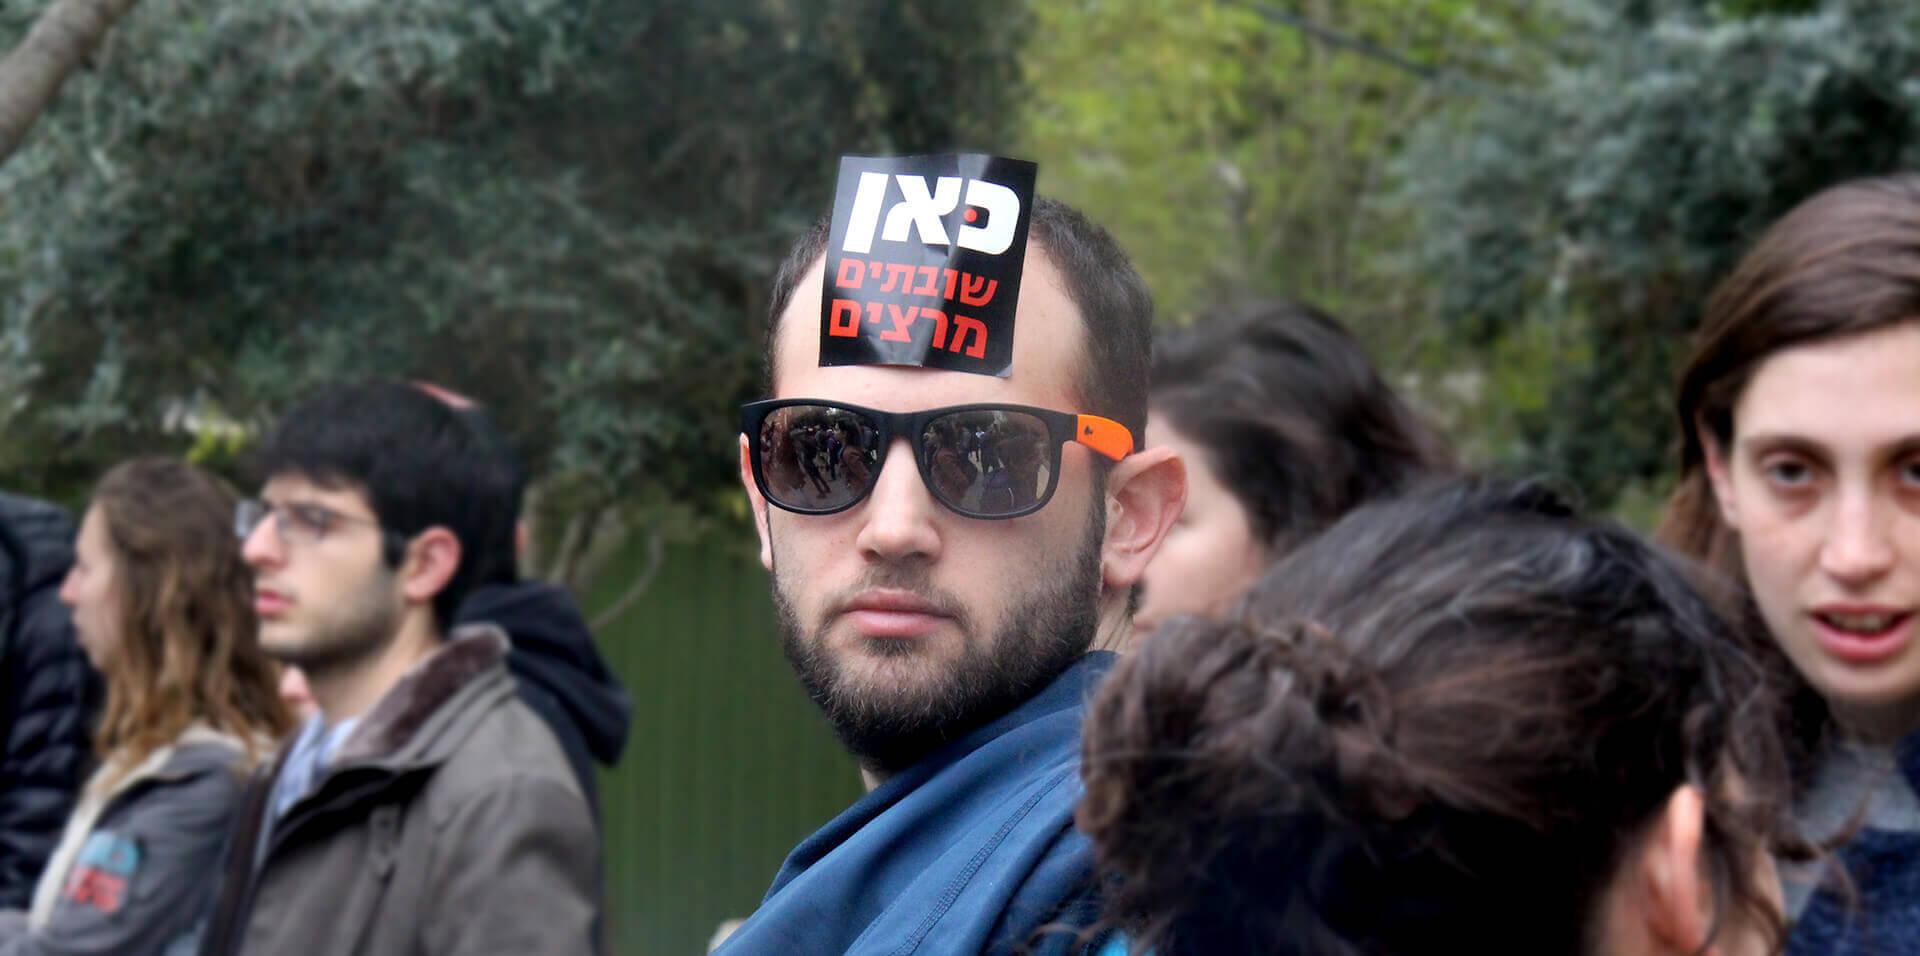 הפגנה במכון הטכנולוגי חולון